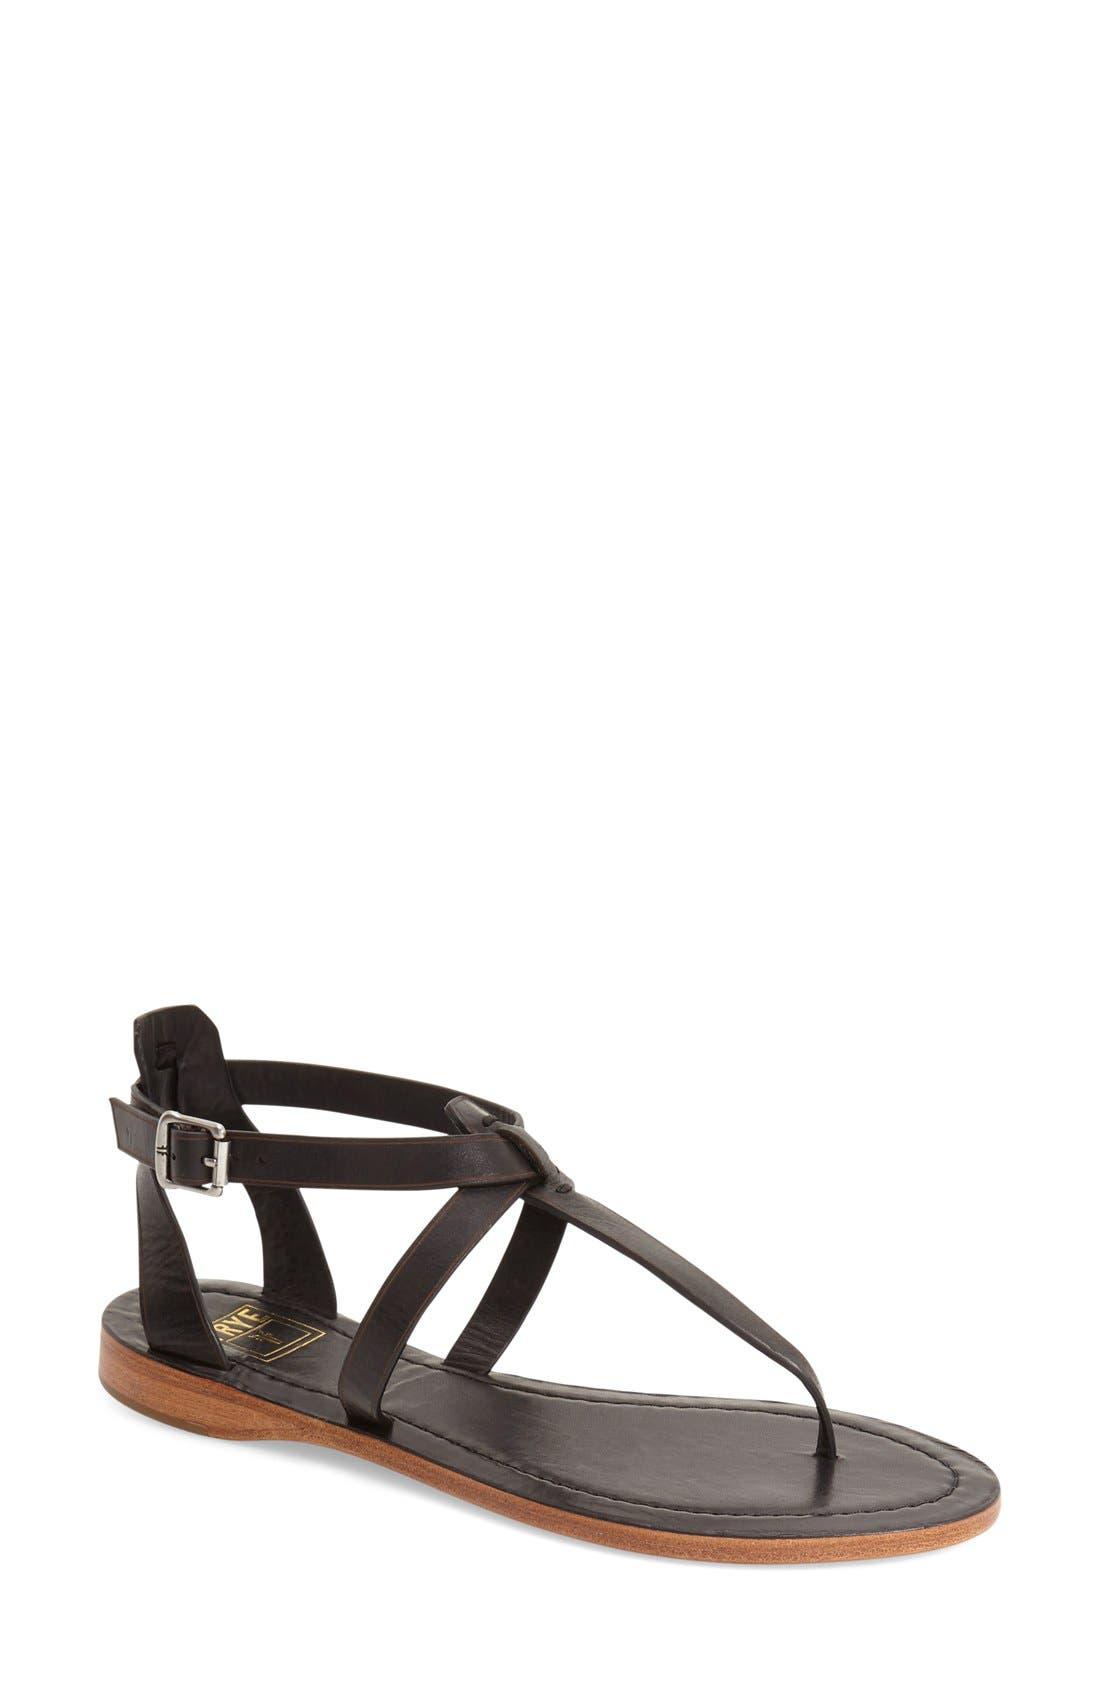 'Rachel' T-Strap Sandal,                         Main,                         color, Black Leather